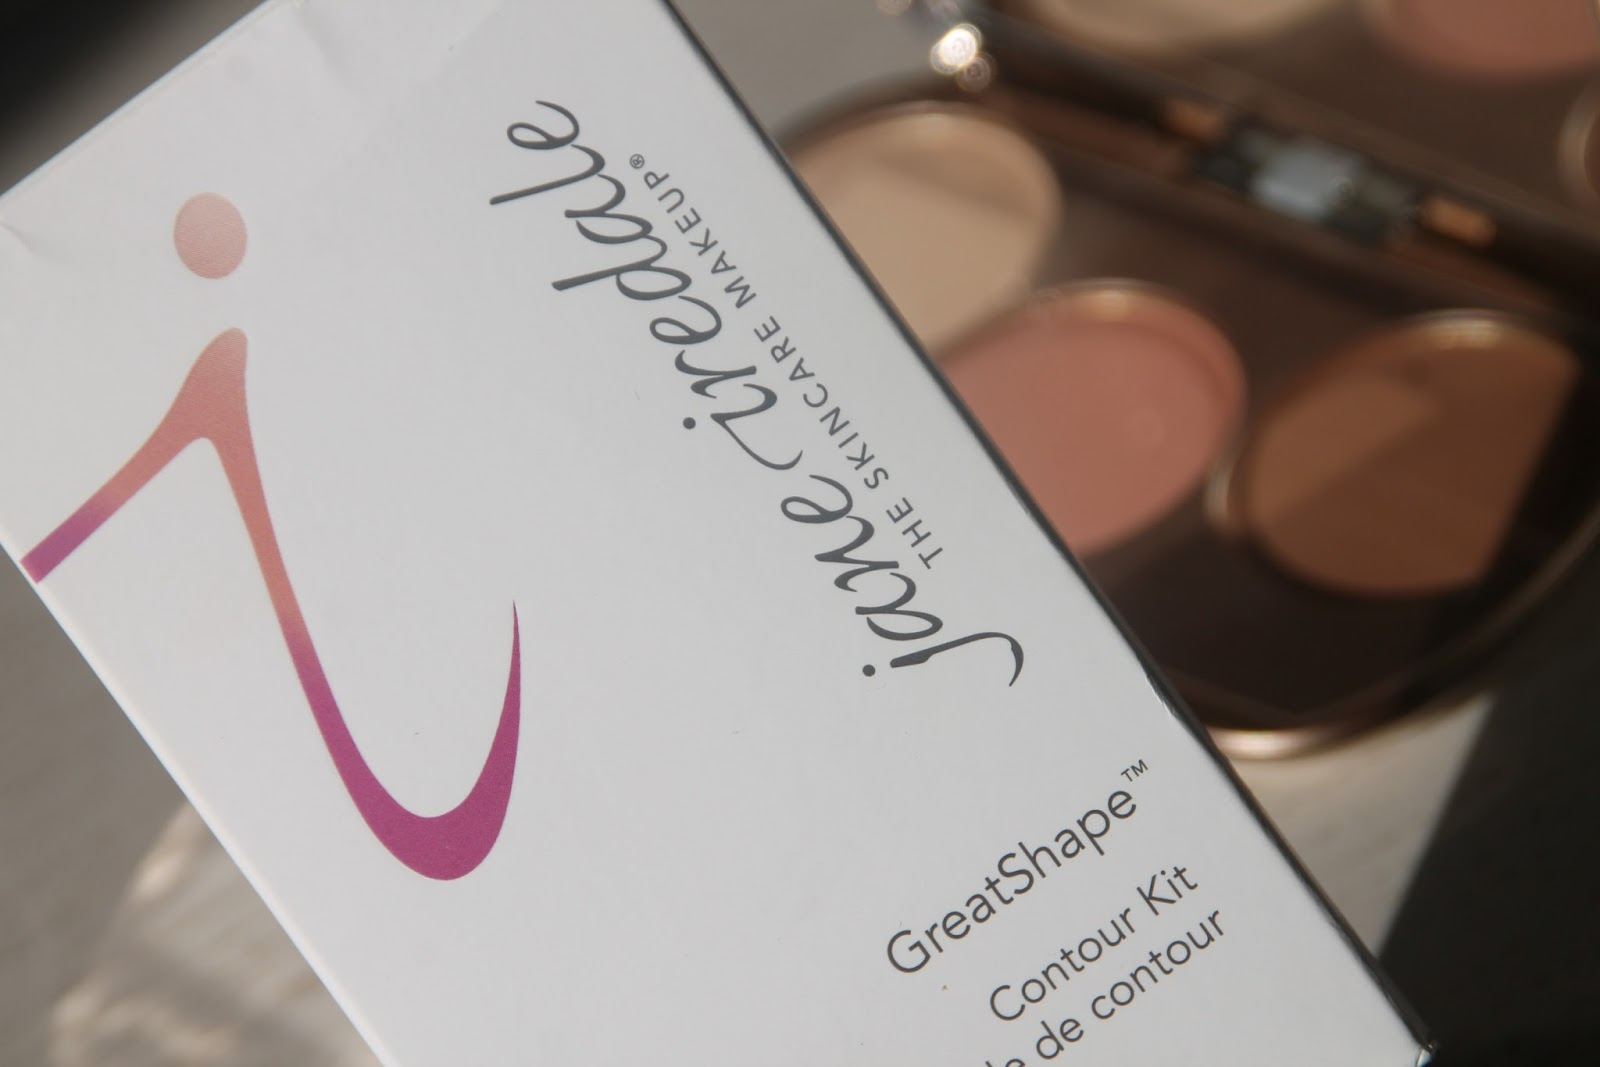 Greatshape Contour Kit by Jane Iredale #3